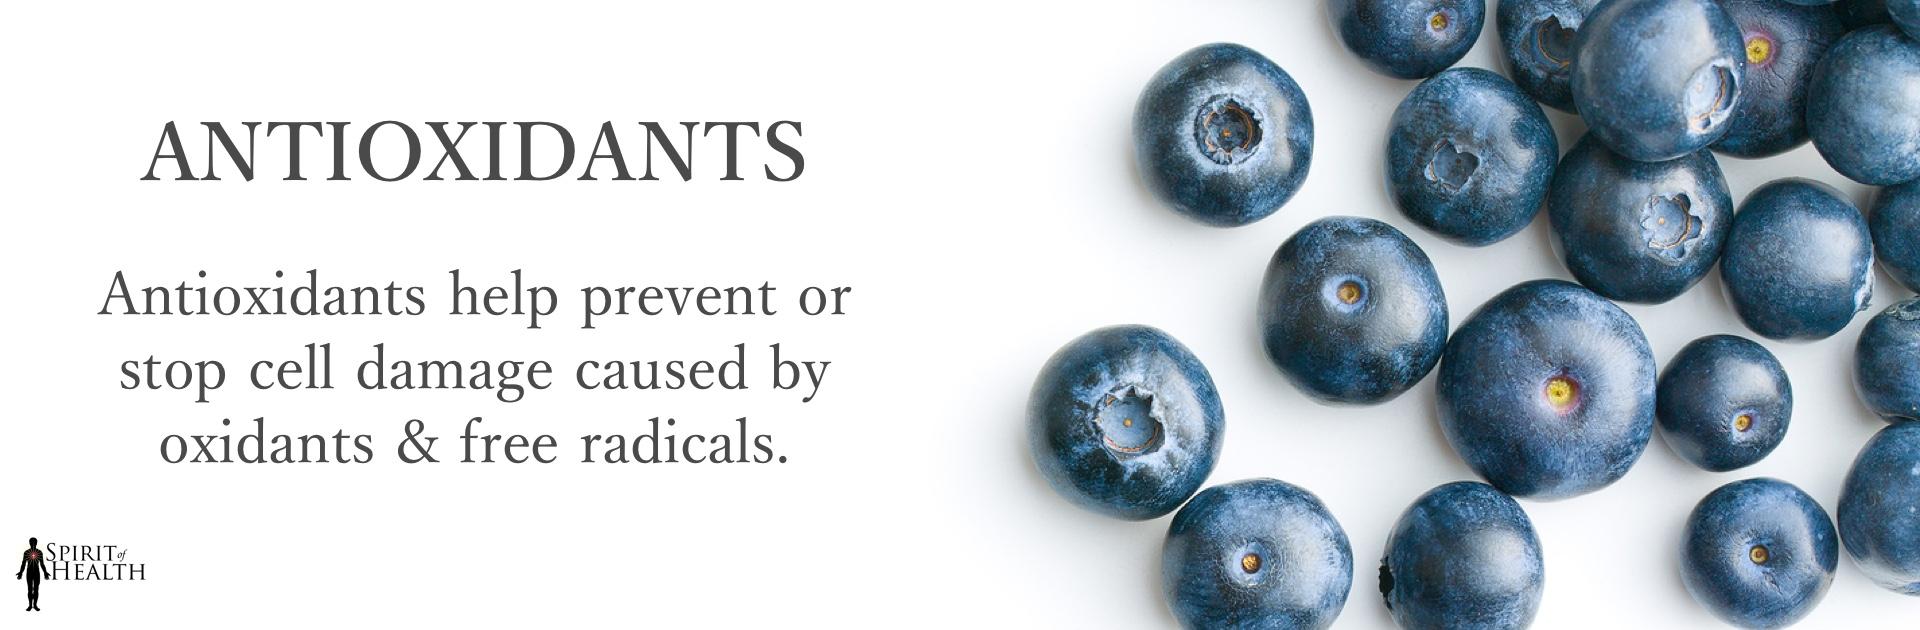 soh-store-banner-antioxidants2.jpg